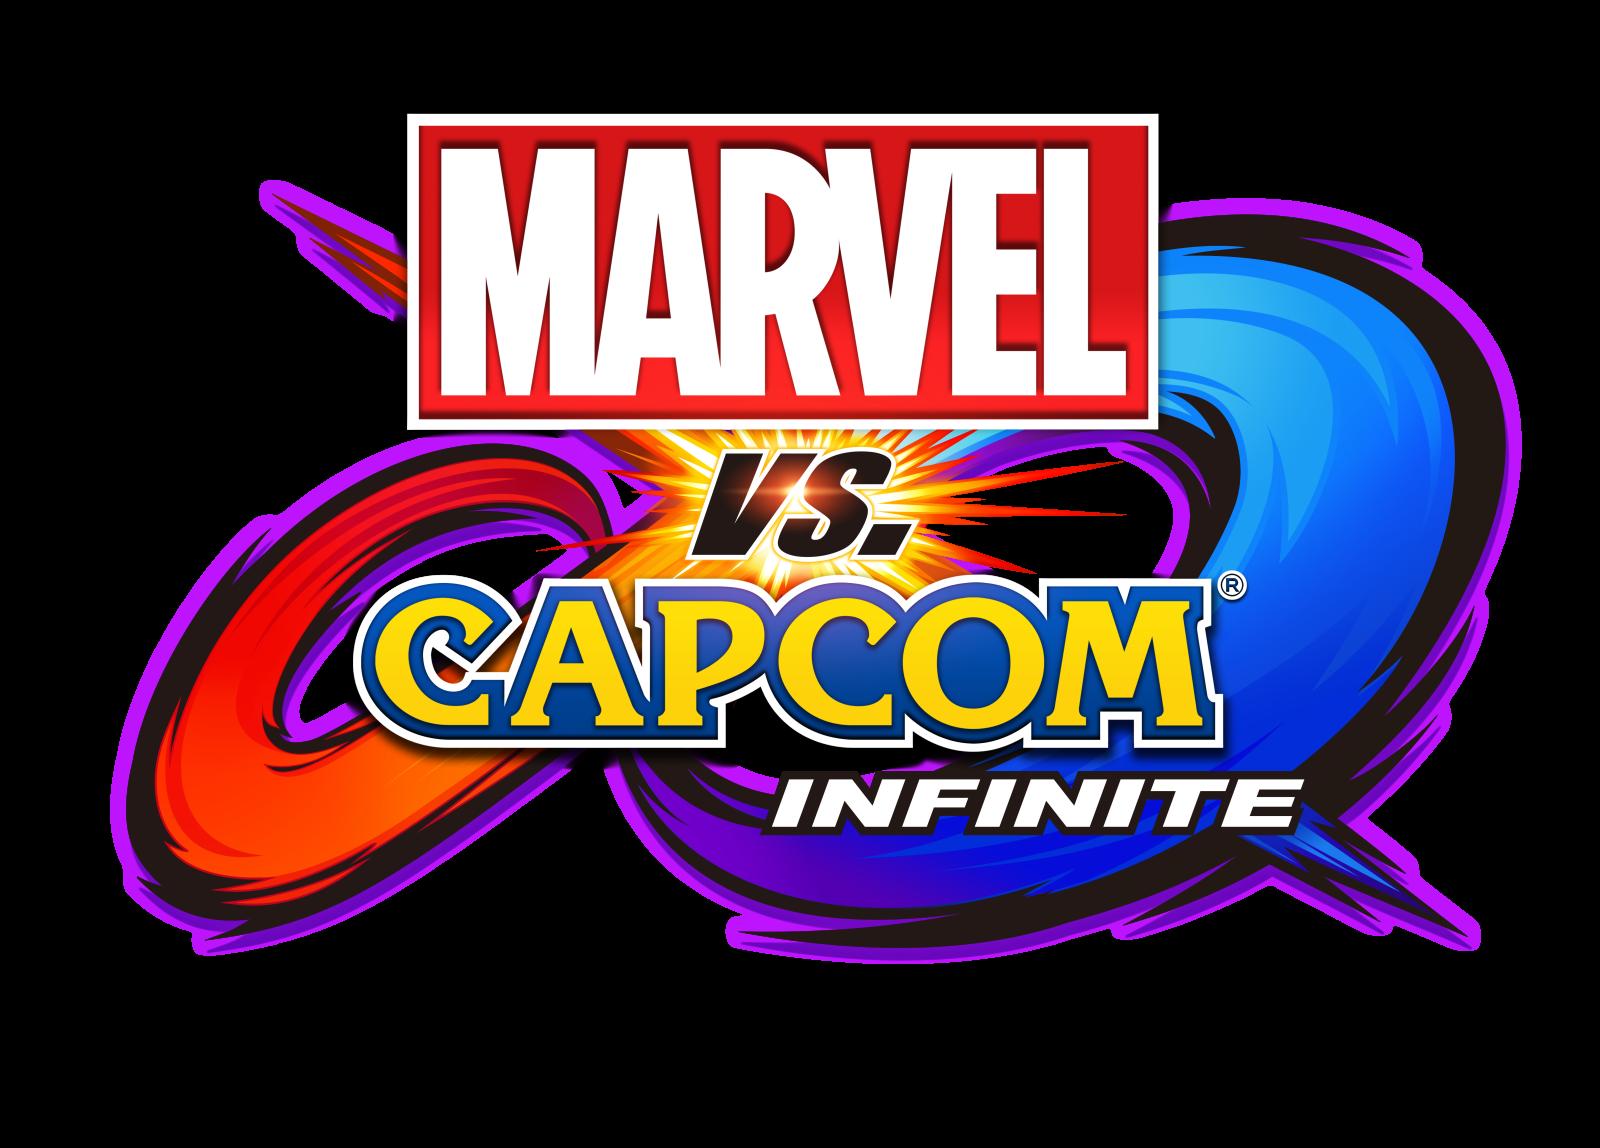 Resultado de imagem para marvel vs capcom infinite logo png